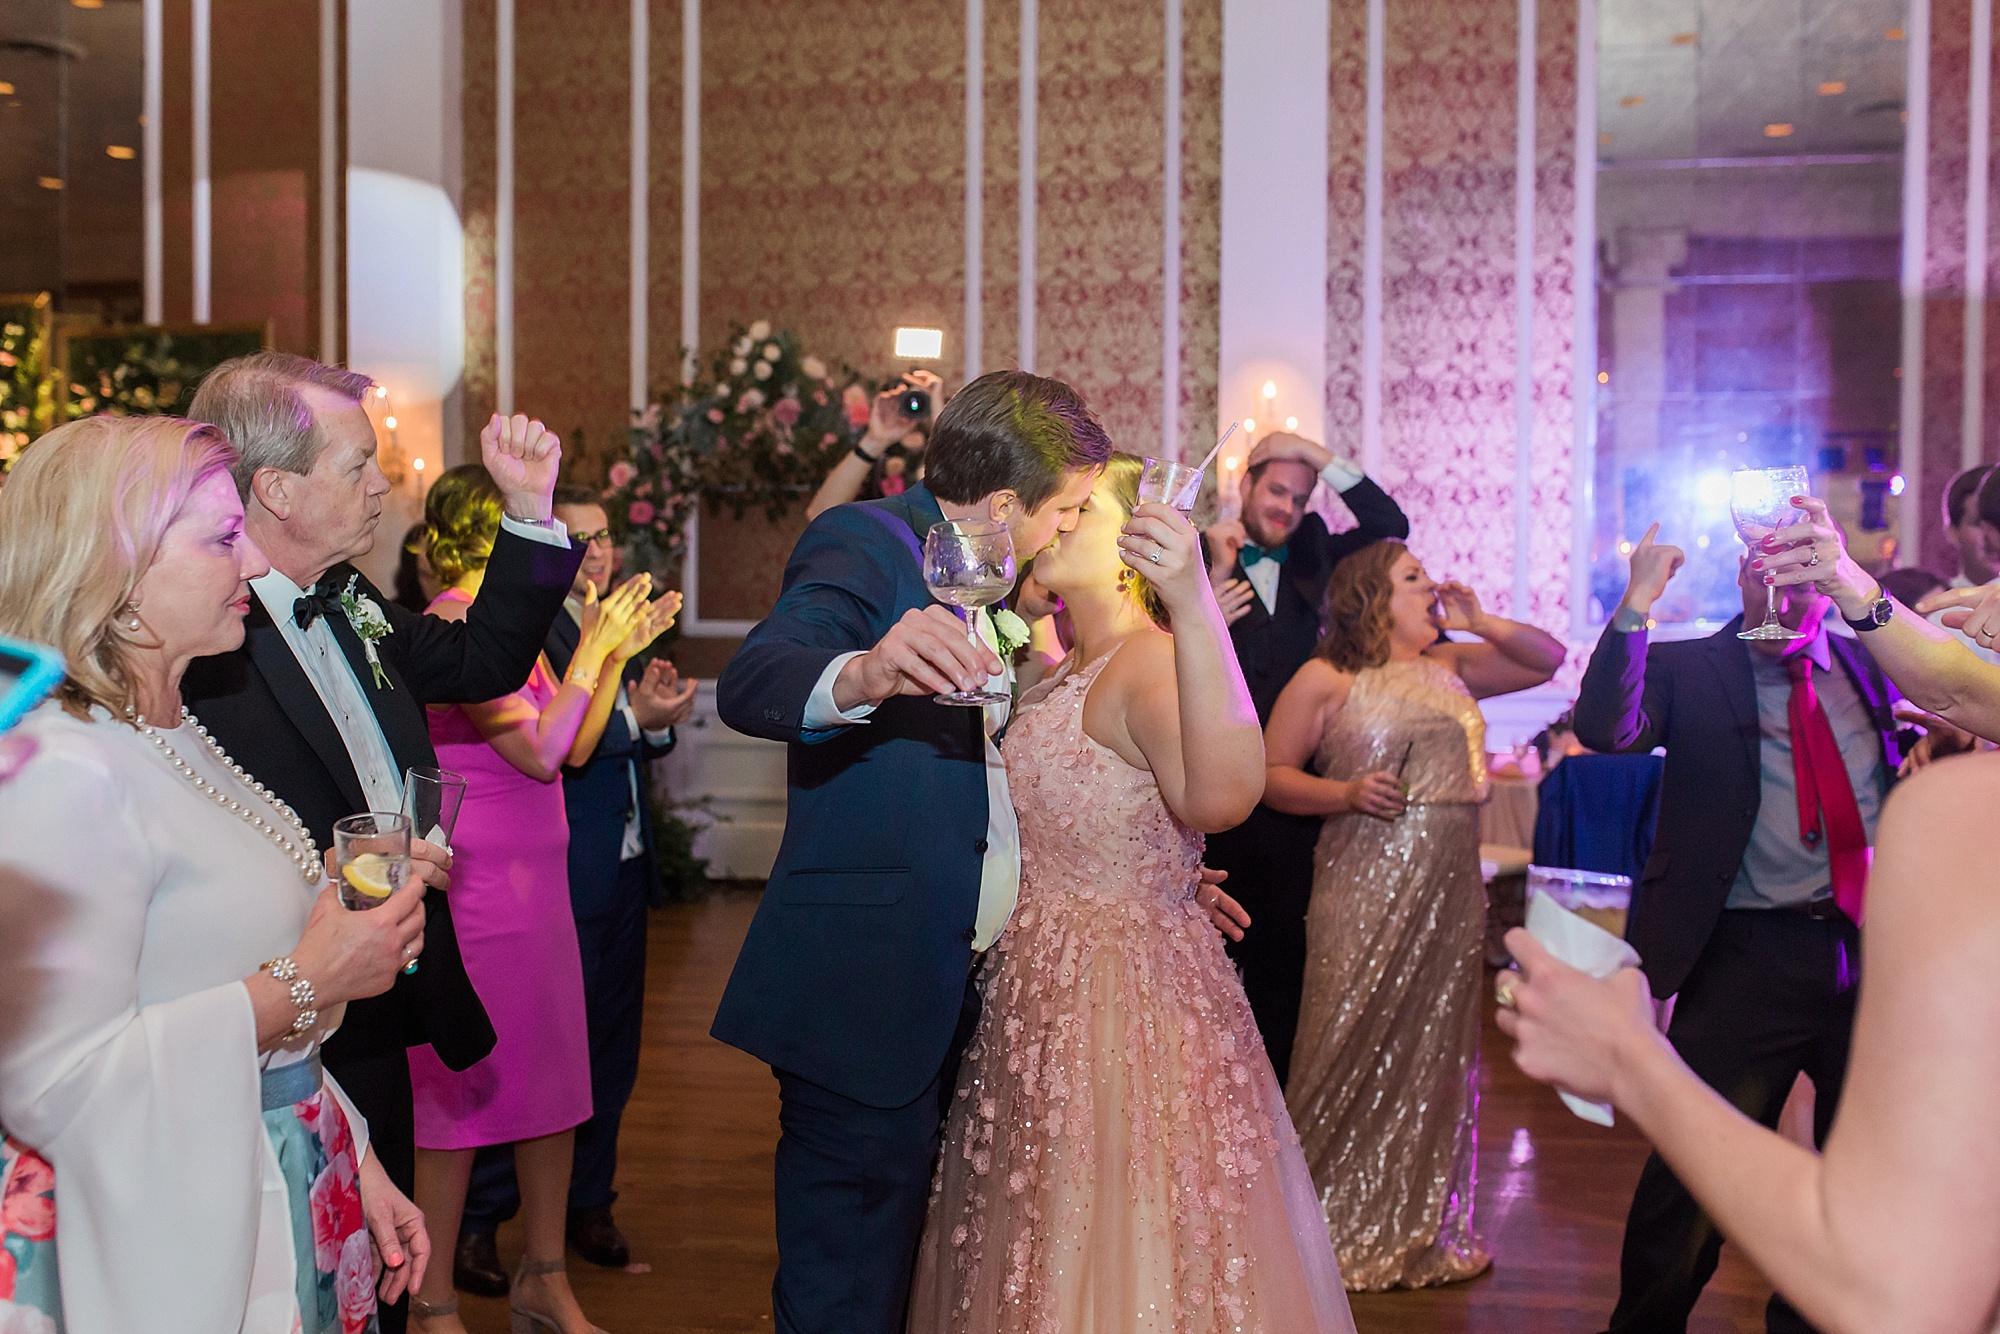 The Poinsett Club Sarah Amp Alexandre S Wedding A